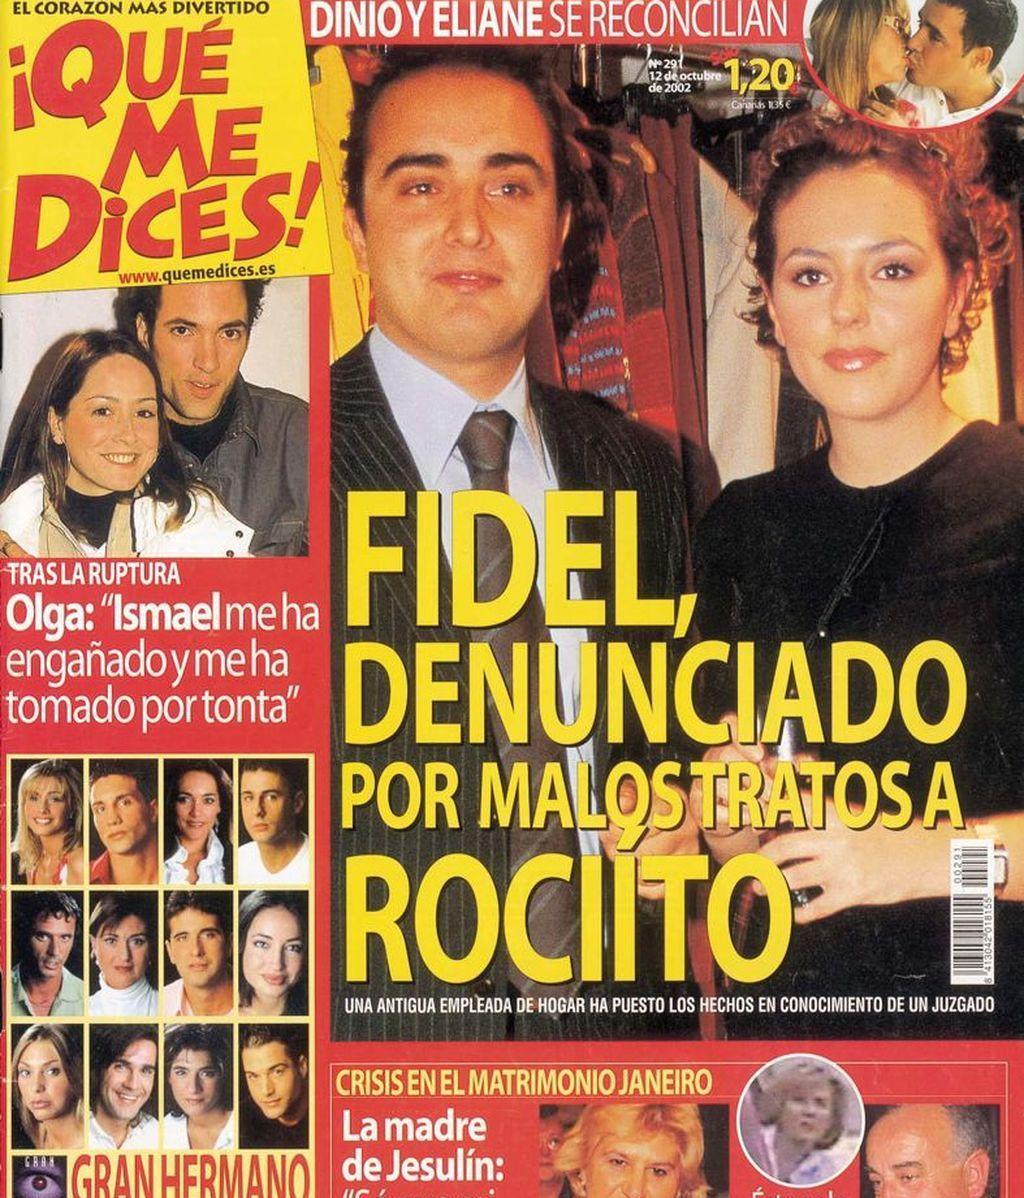 Denuncia por malos tratos a Fidel Albiac en Qué Me Dices